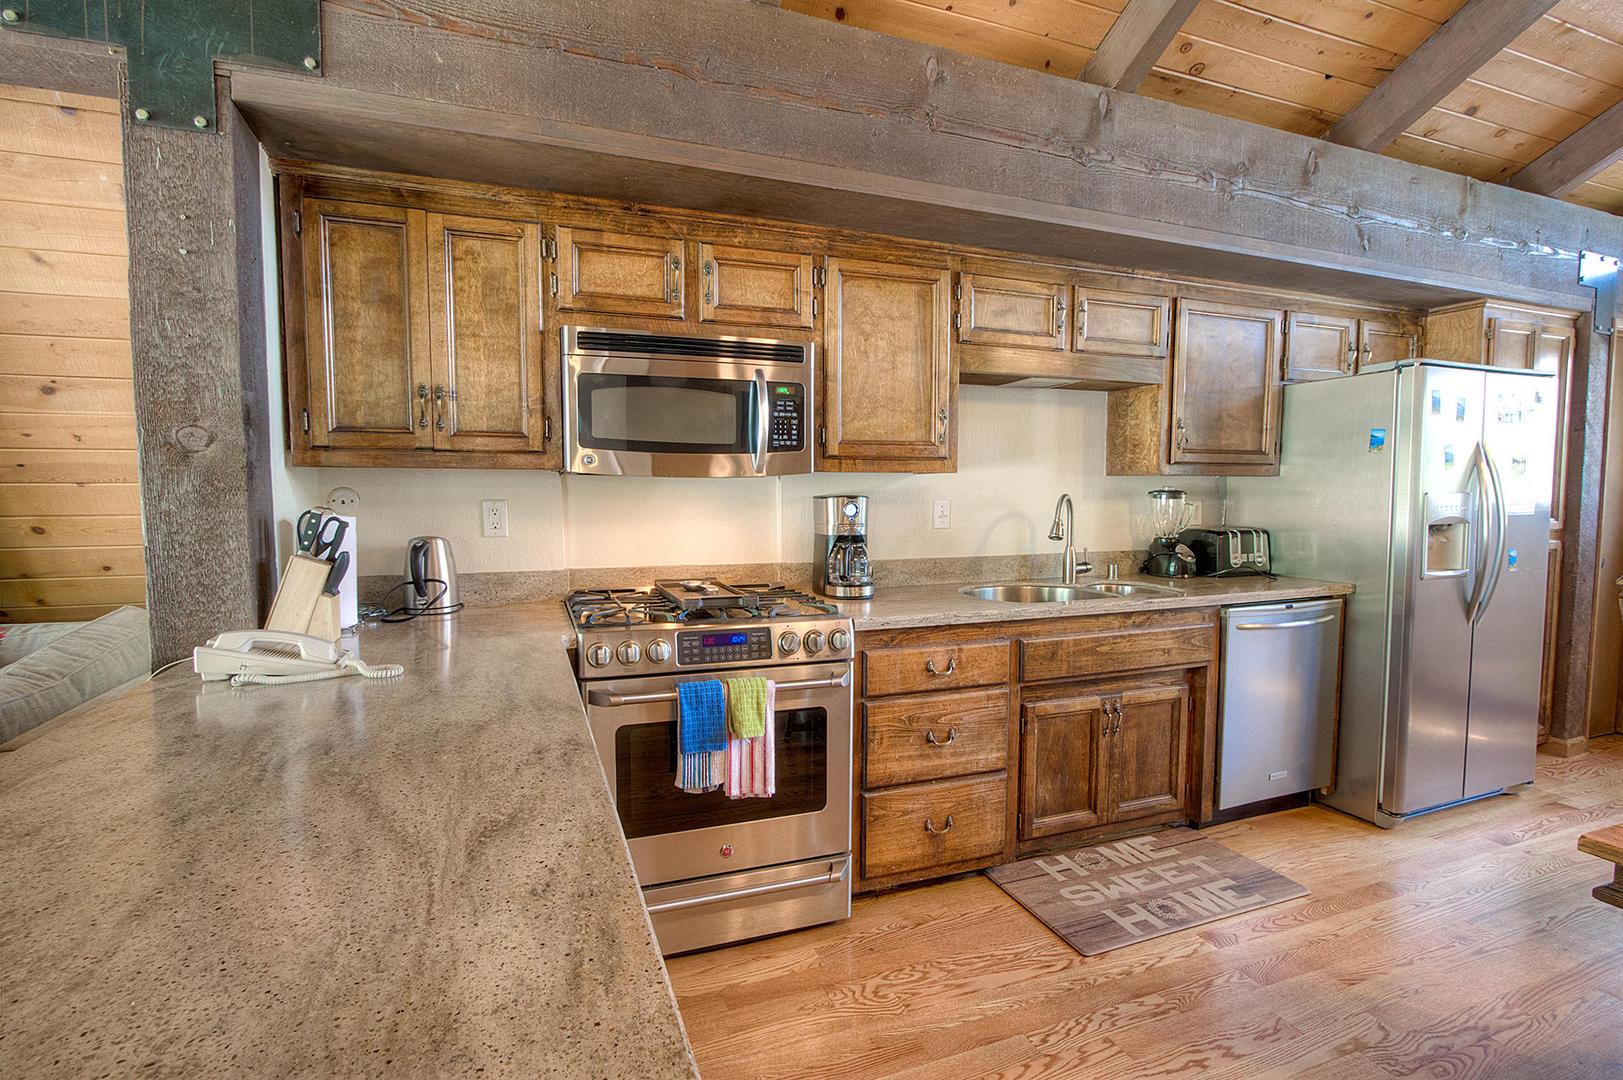 cyh1024 kitchen